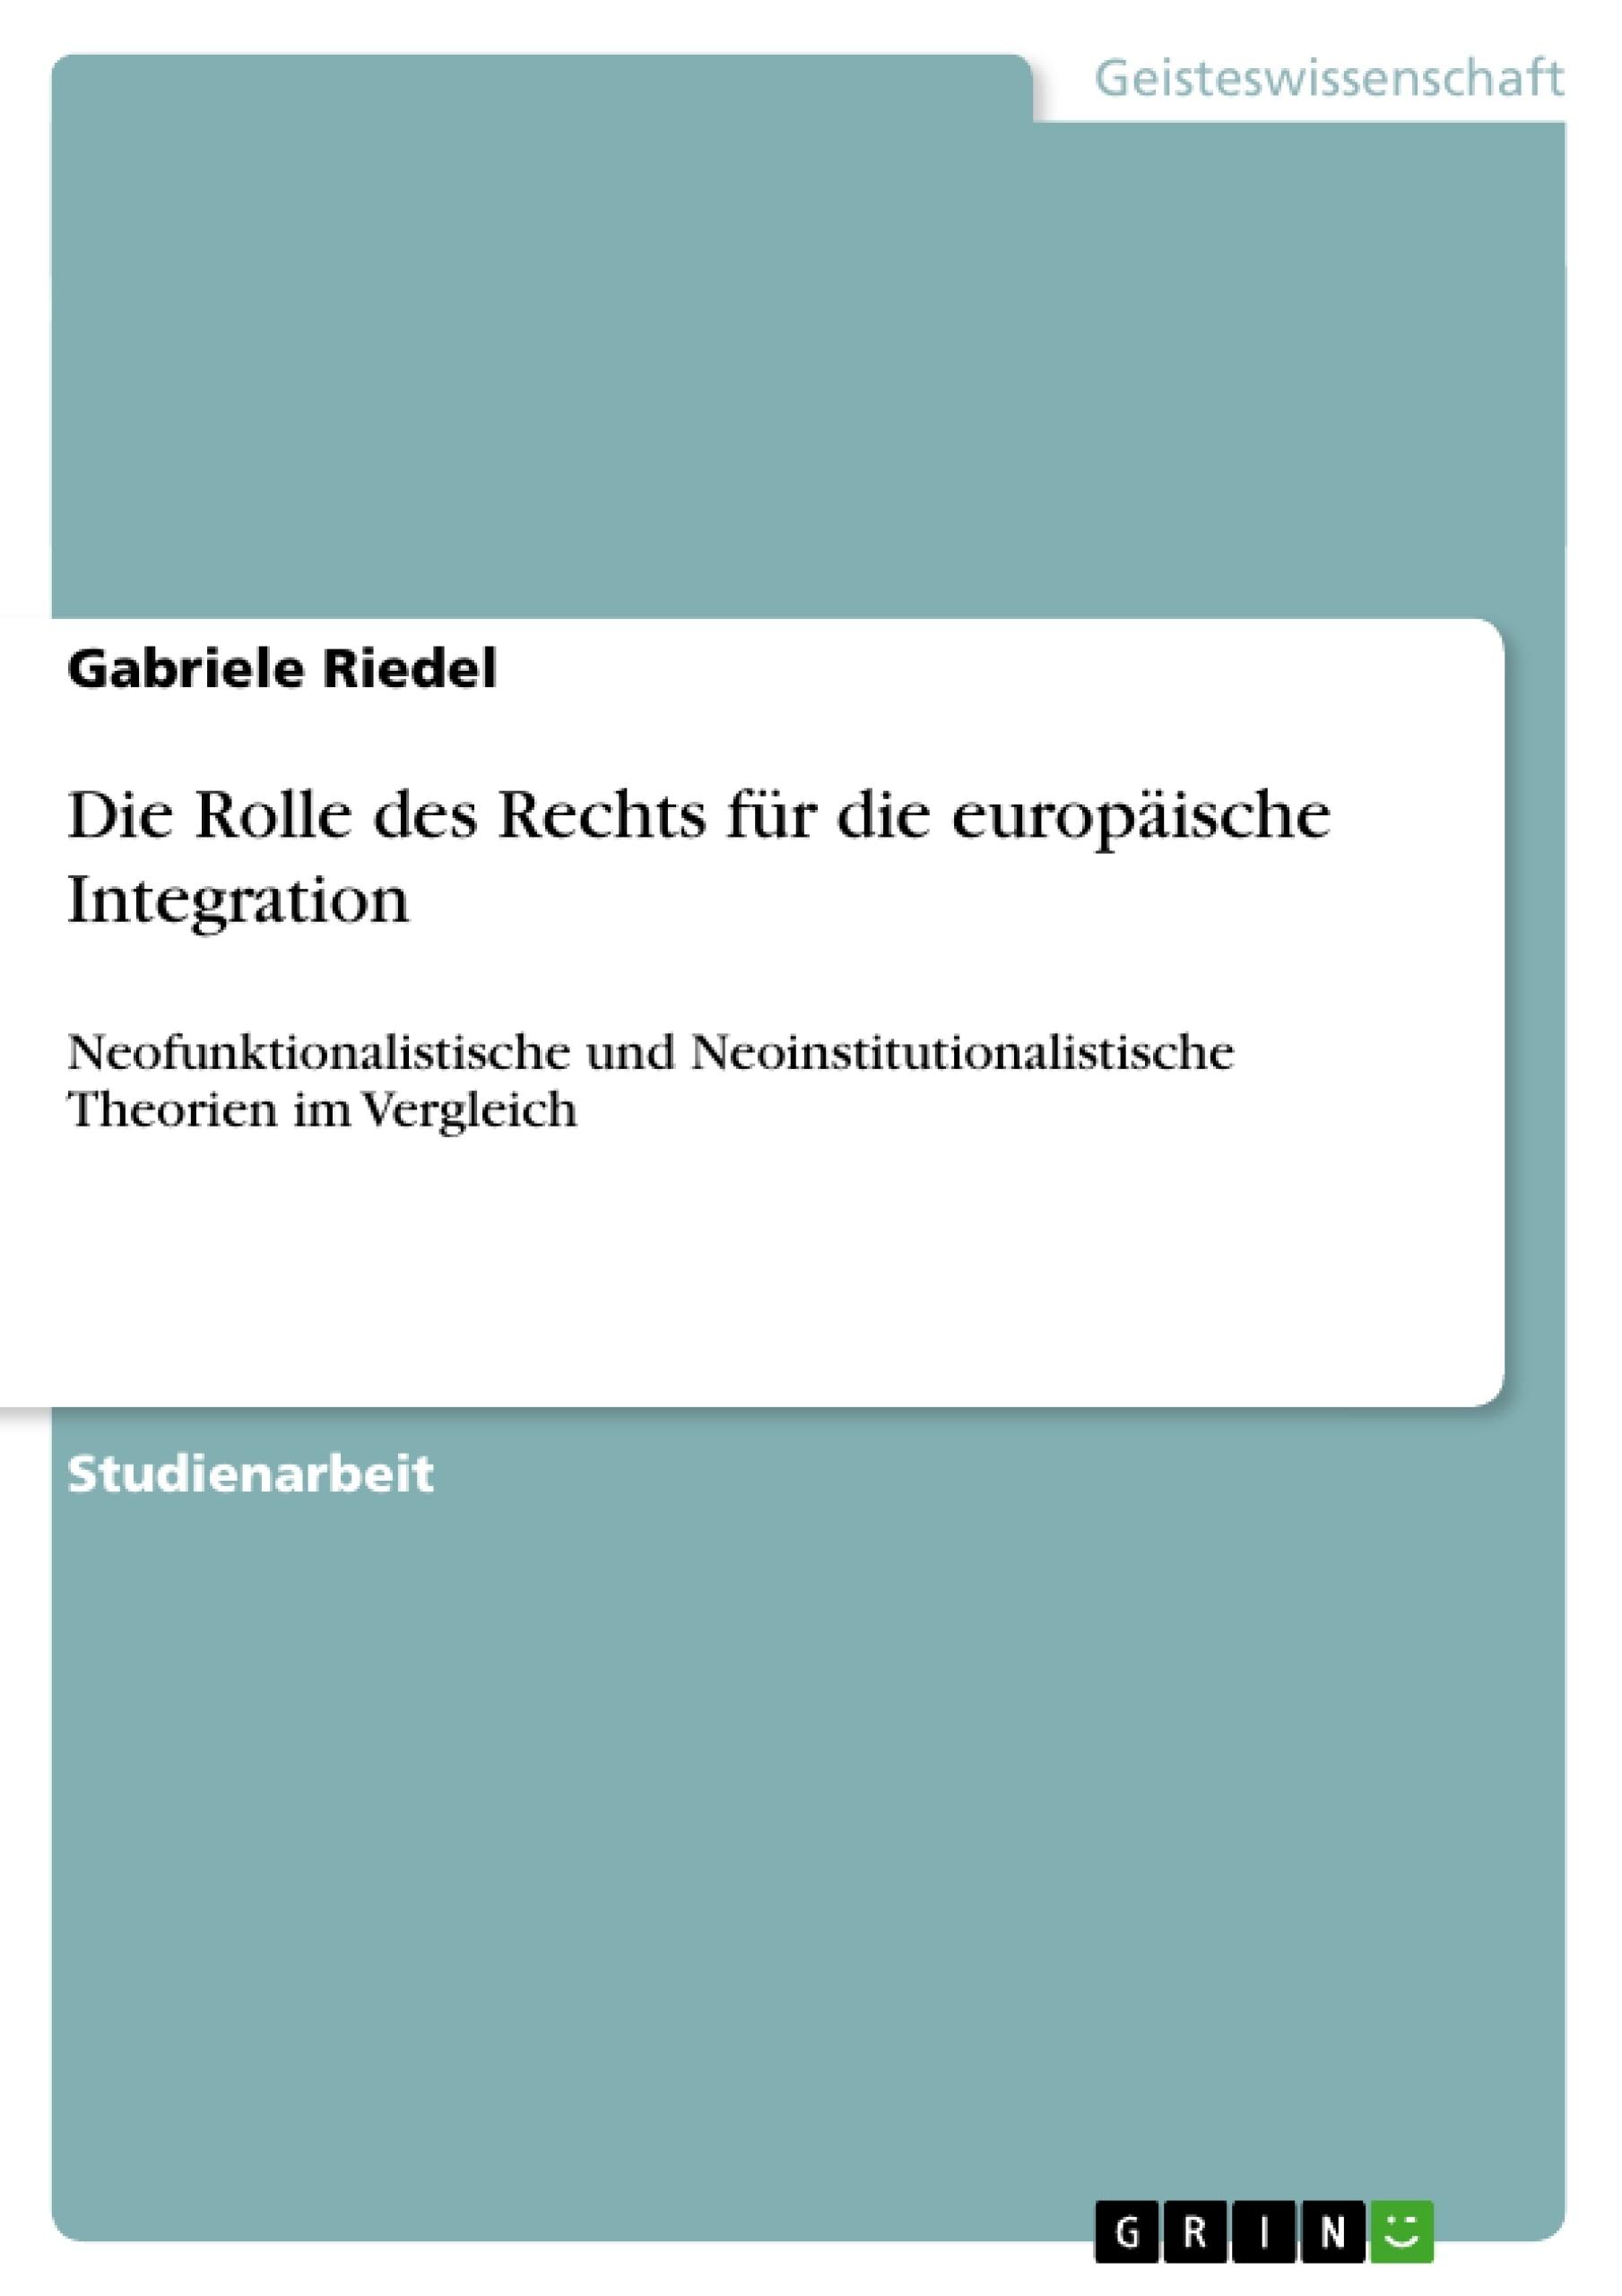 Titel: Die Rolle des Rechts für die europäische Integration